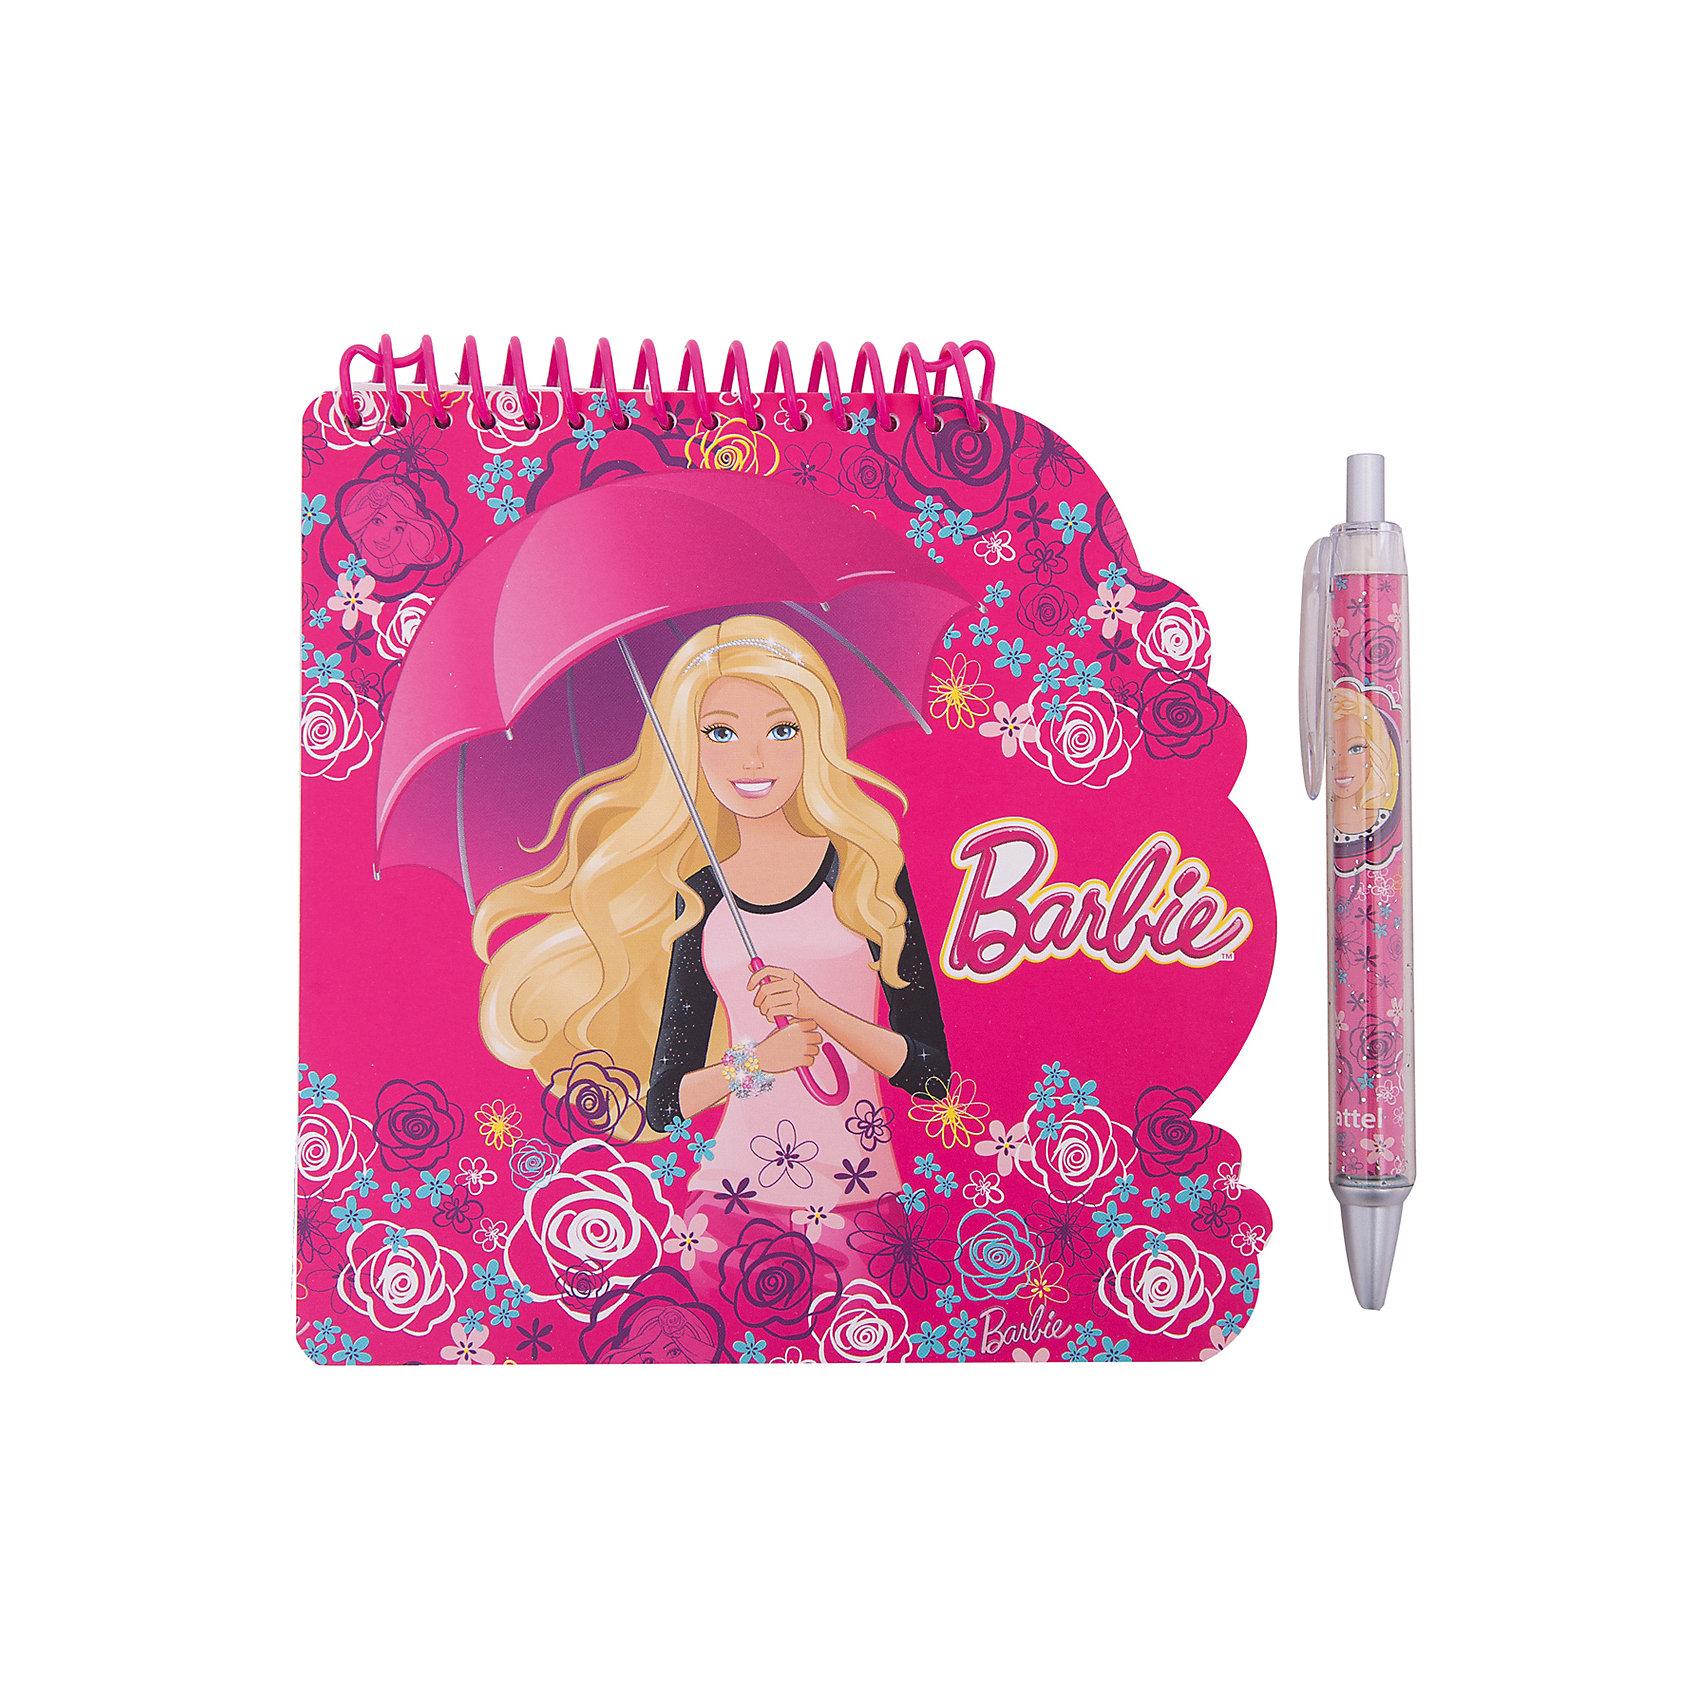 Блокнот А6 Barbie 40 листов + ручкаБлокнот А6 Barbie 40 листов + ручка<br><br>Характеристики:<br><br>• Количество листов: 40 листов<br>• Крепление: спираль<br>• Обложка: мелованный картон<br>• Размер: 218х12х388мм<br>• Вес: 112г<br>• Формат: А6<br>• В комплекте: блокнот, ручка<br><br>Блокнот удобного формата А6 с изображением популярного мультфильма порадует любую девочку. Блокнот сделан из качественной бумаги, с яркой обложкой из мелованного картона и с безопасным креплением на спирали. В комплекте идет ручка с оригинальным дизайном и красивая подарочная упаковка. Такой набор идеально подойдет для подарка.<br><br>Блокнот А6 Barbie 40 листов + ручка можно купить в нашем интернет-магазине.<br><br>Ширина мм: 218<br>Глубина мм: 12<br>Высота мм: 388<br>Вес г: 112<br>Возраст от месяцев: 36<br>Возраст до месяцев: 144<br>Пол: Женский<br>Возраст: Детский<br>SKU: 5390368